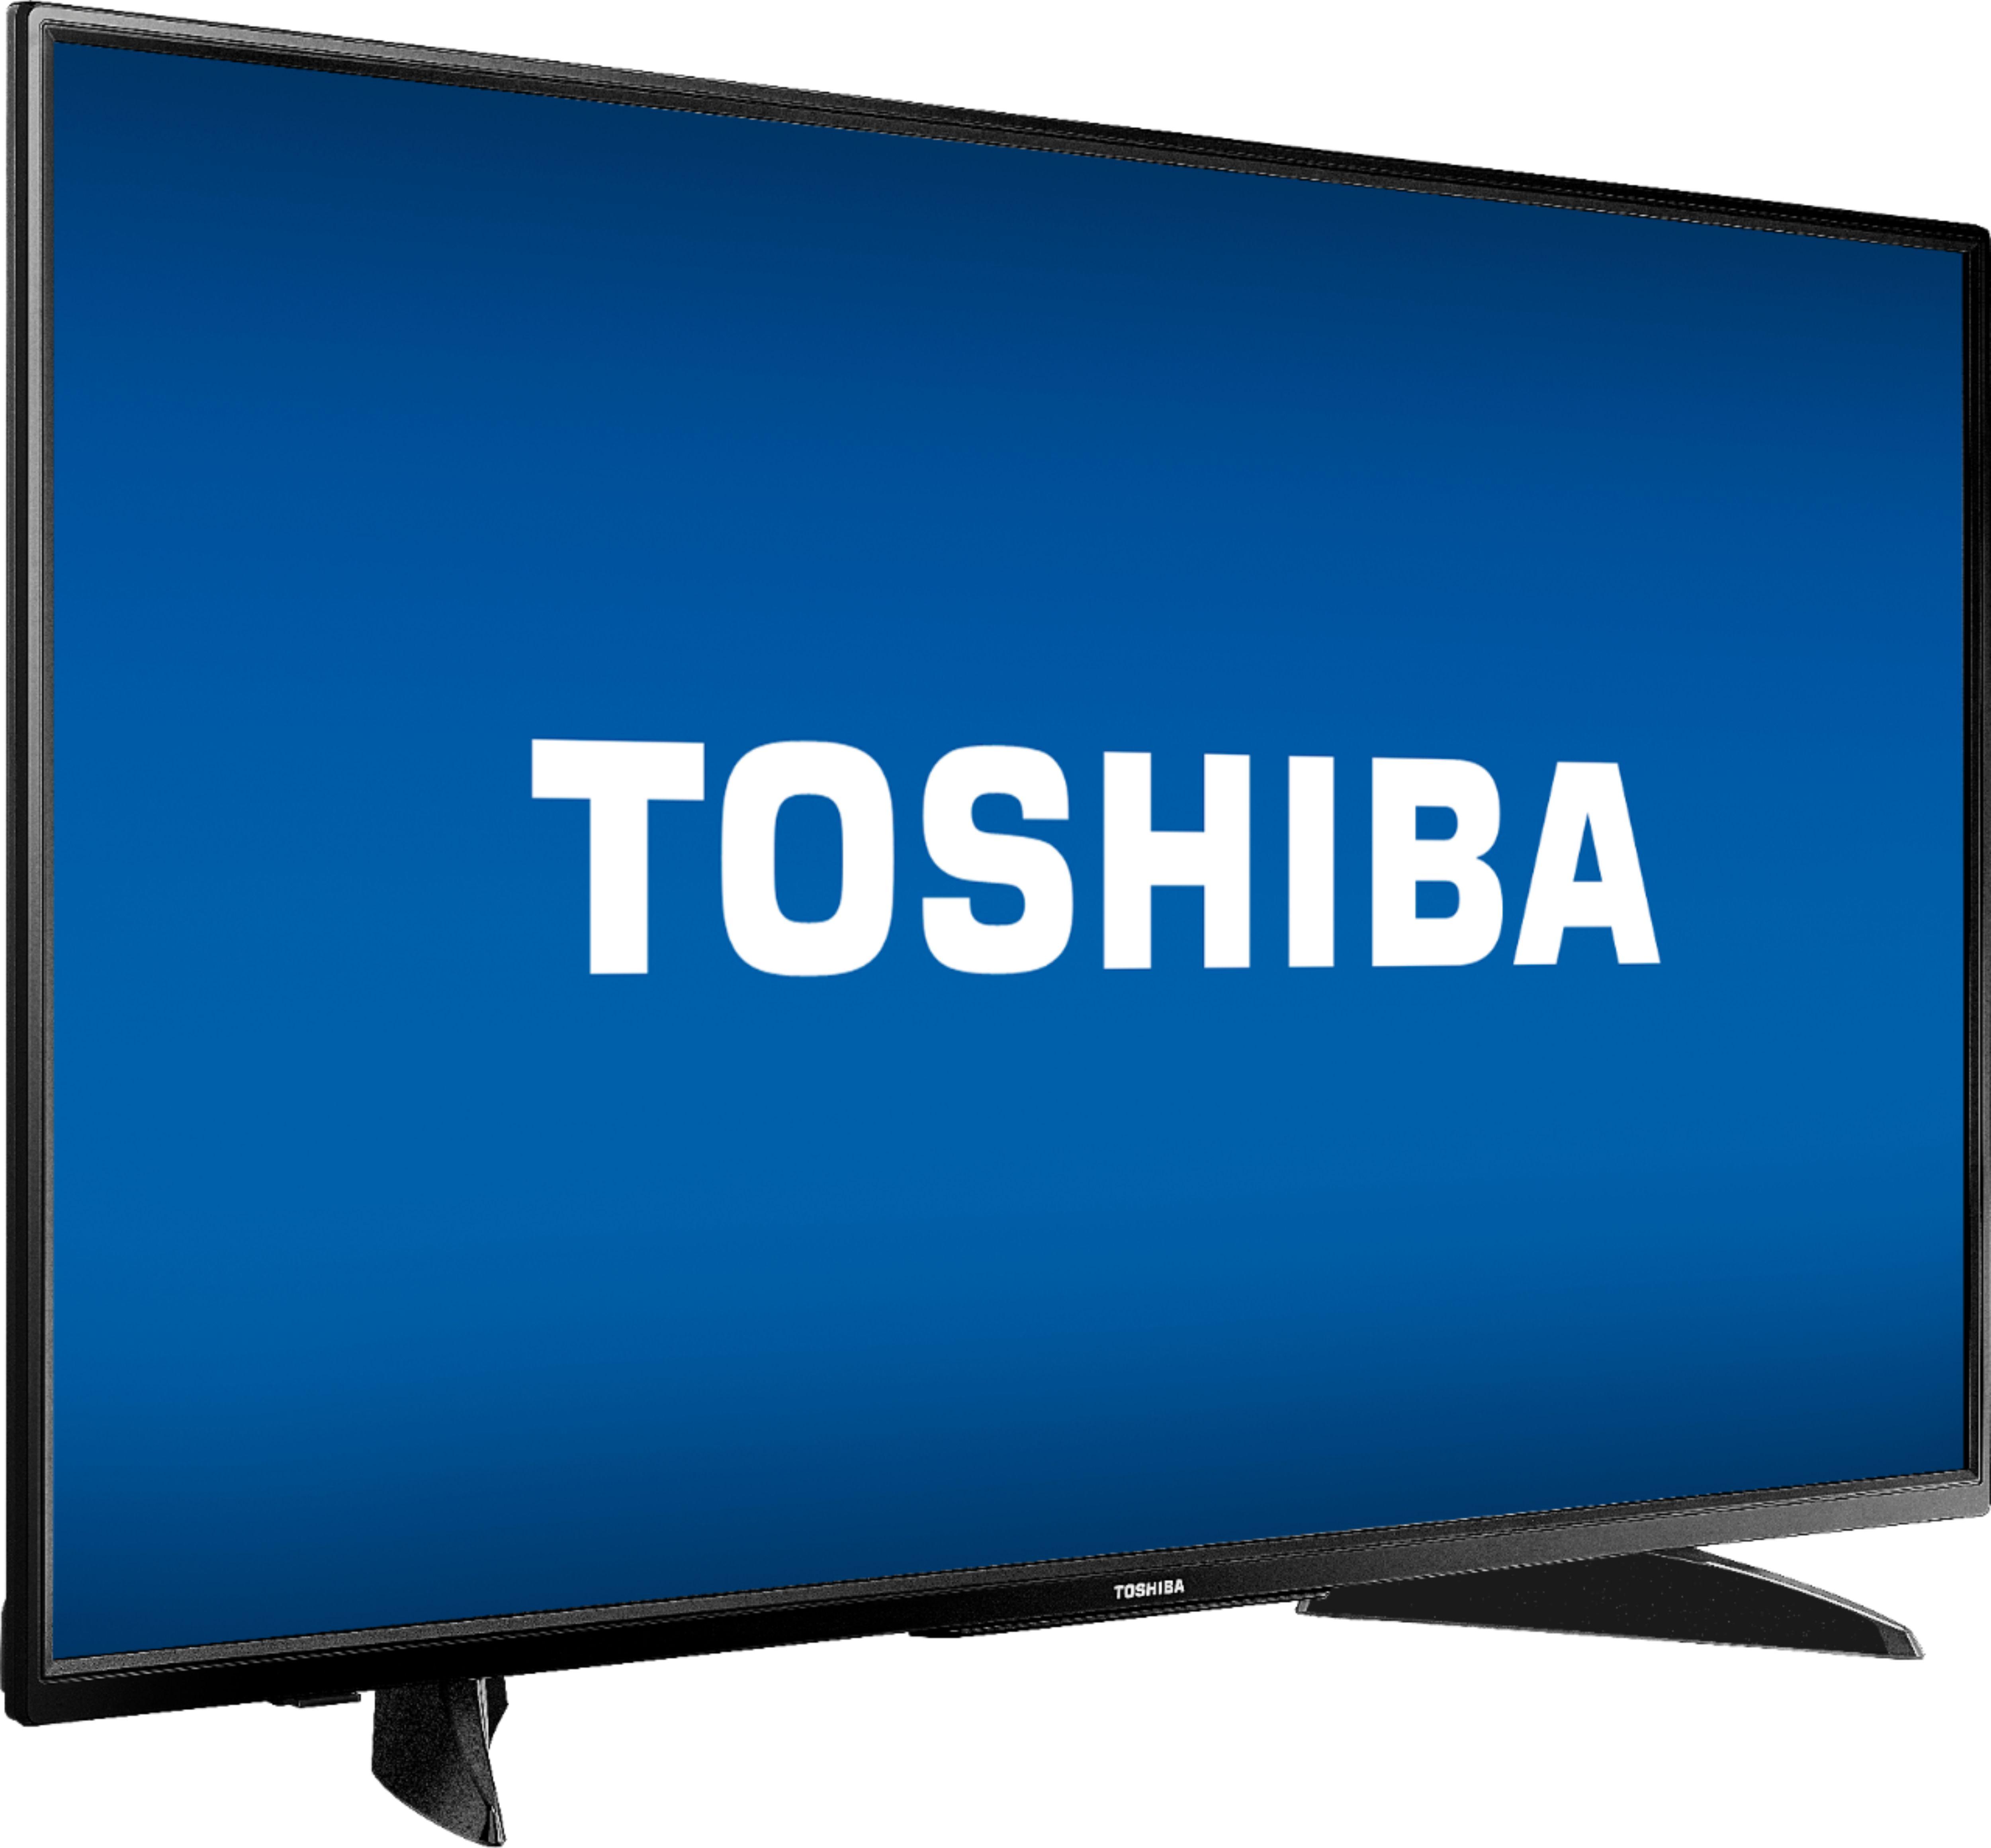 Image 24 for Toshiba 43LF621U19